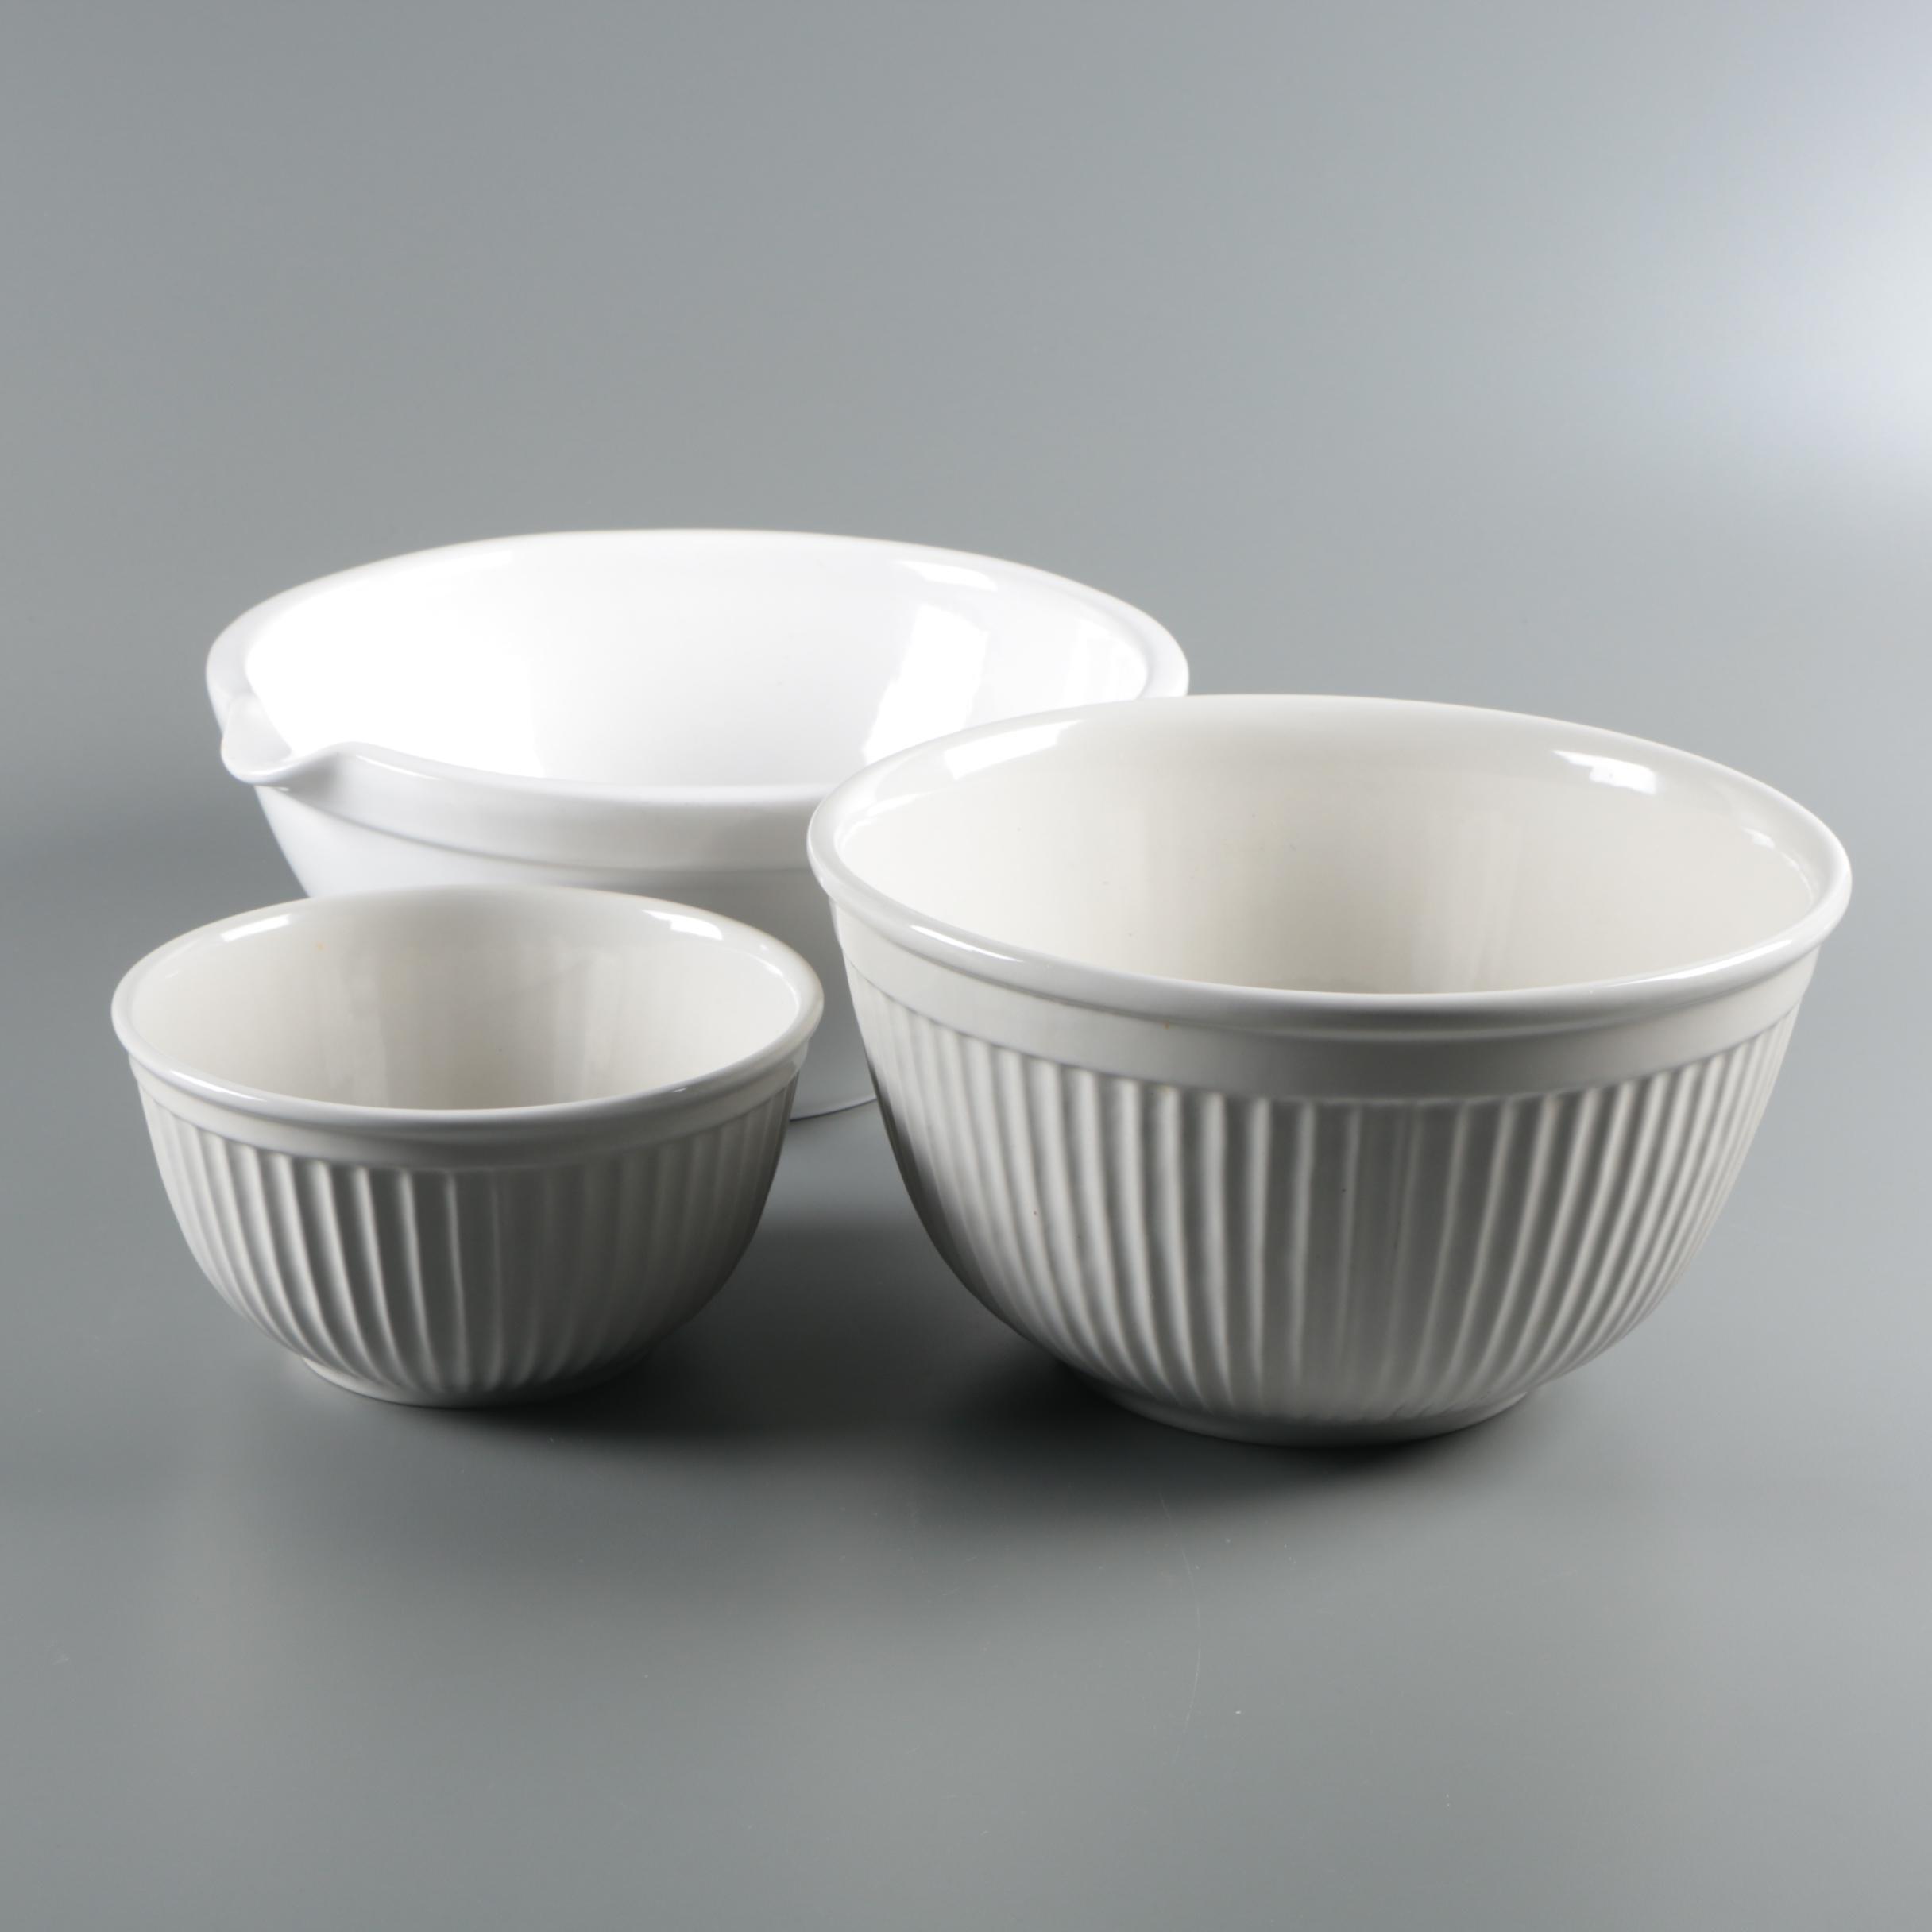 Williams-Sonoma Ceramic Mixing Bowls